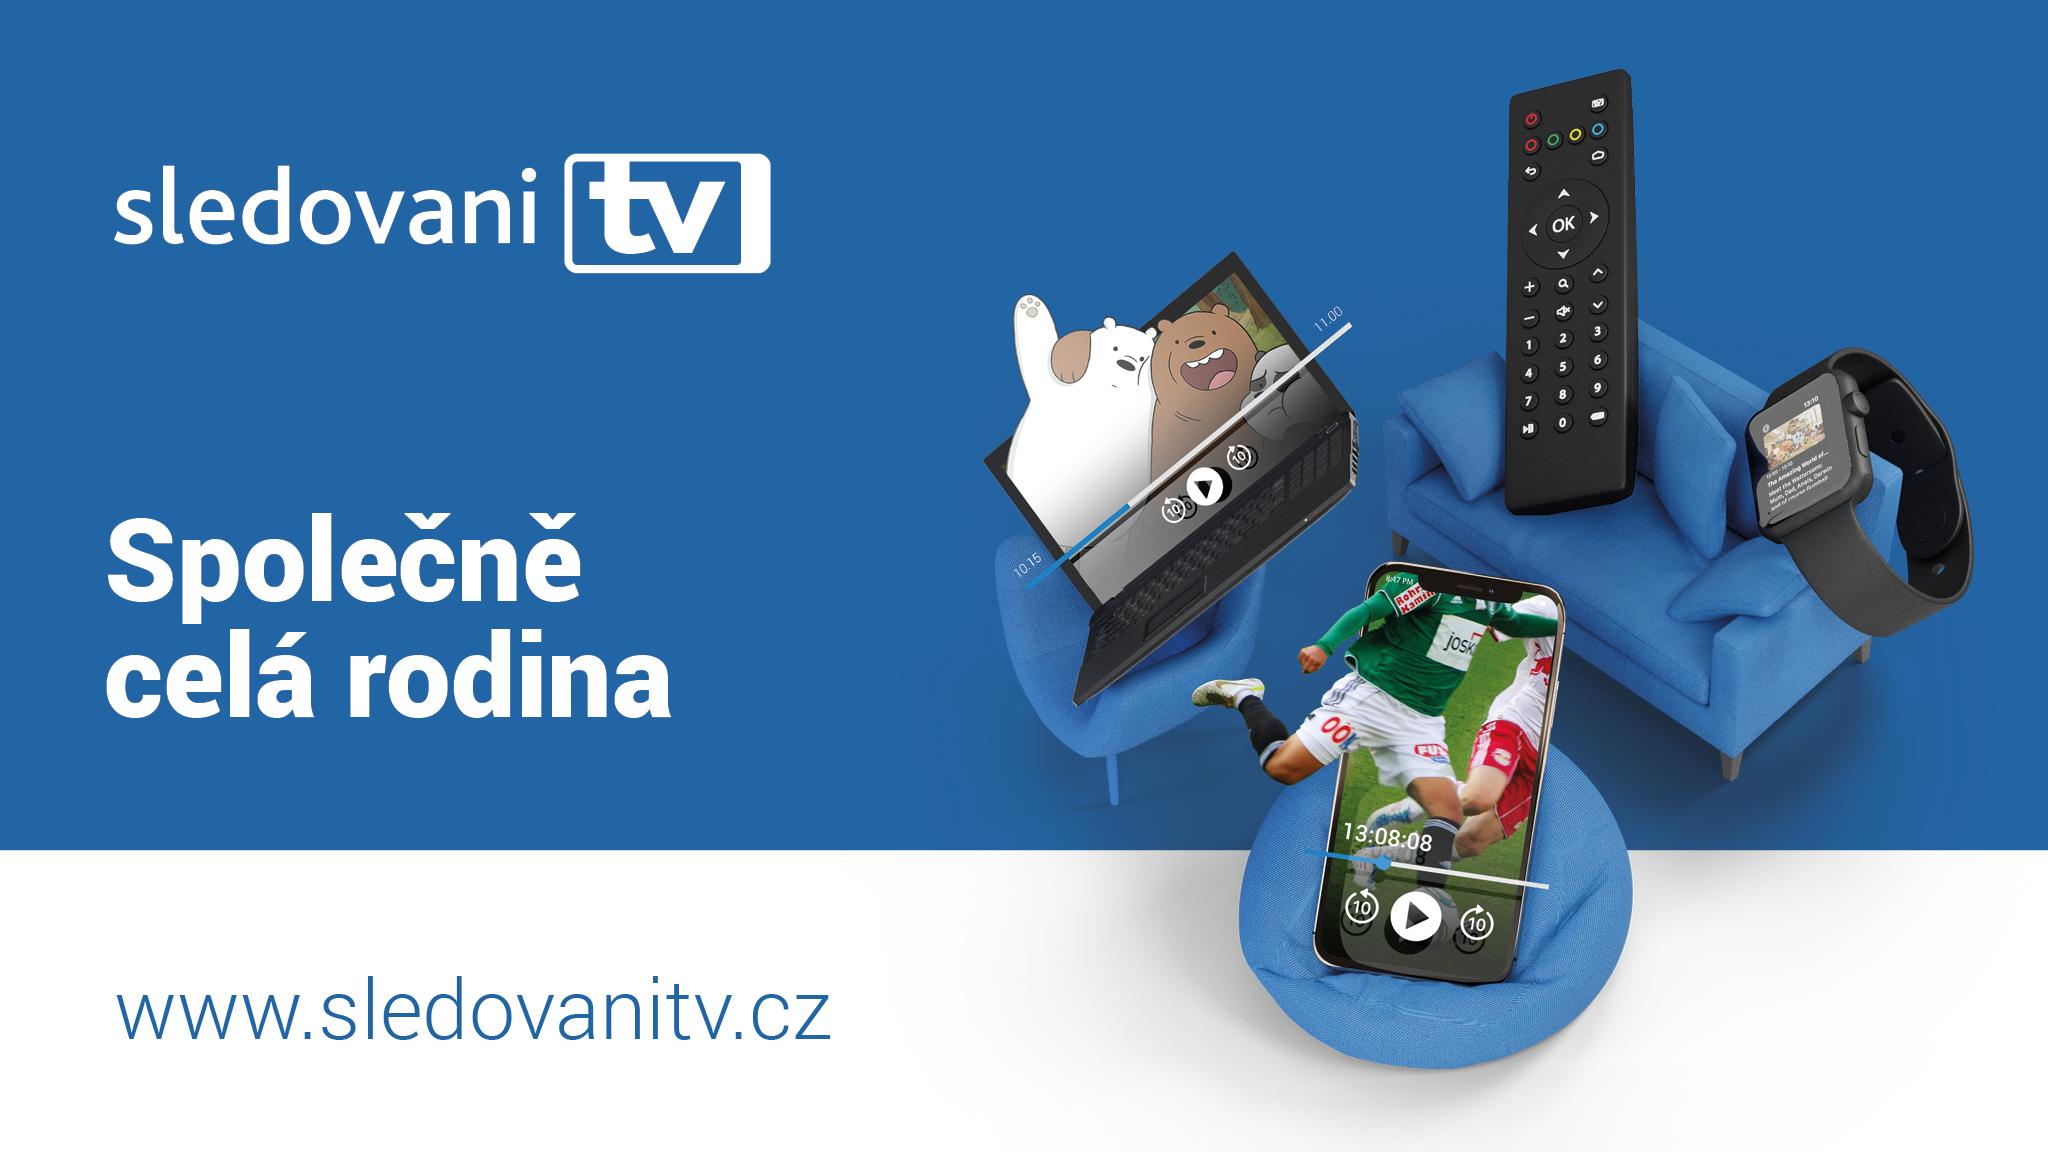 Sledovani tv televize přes internet